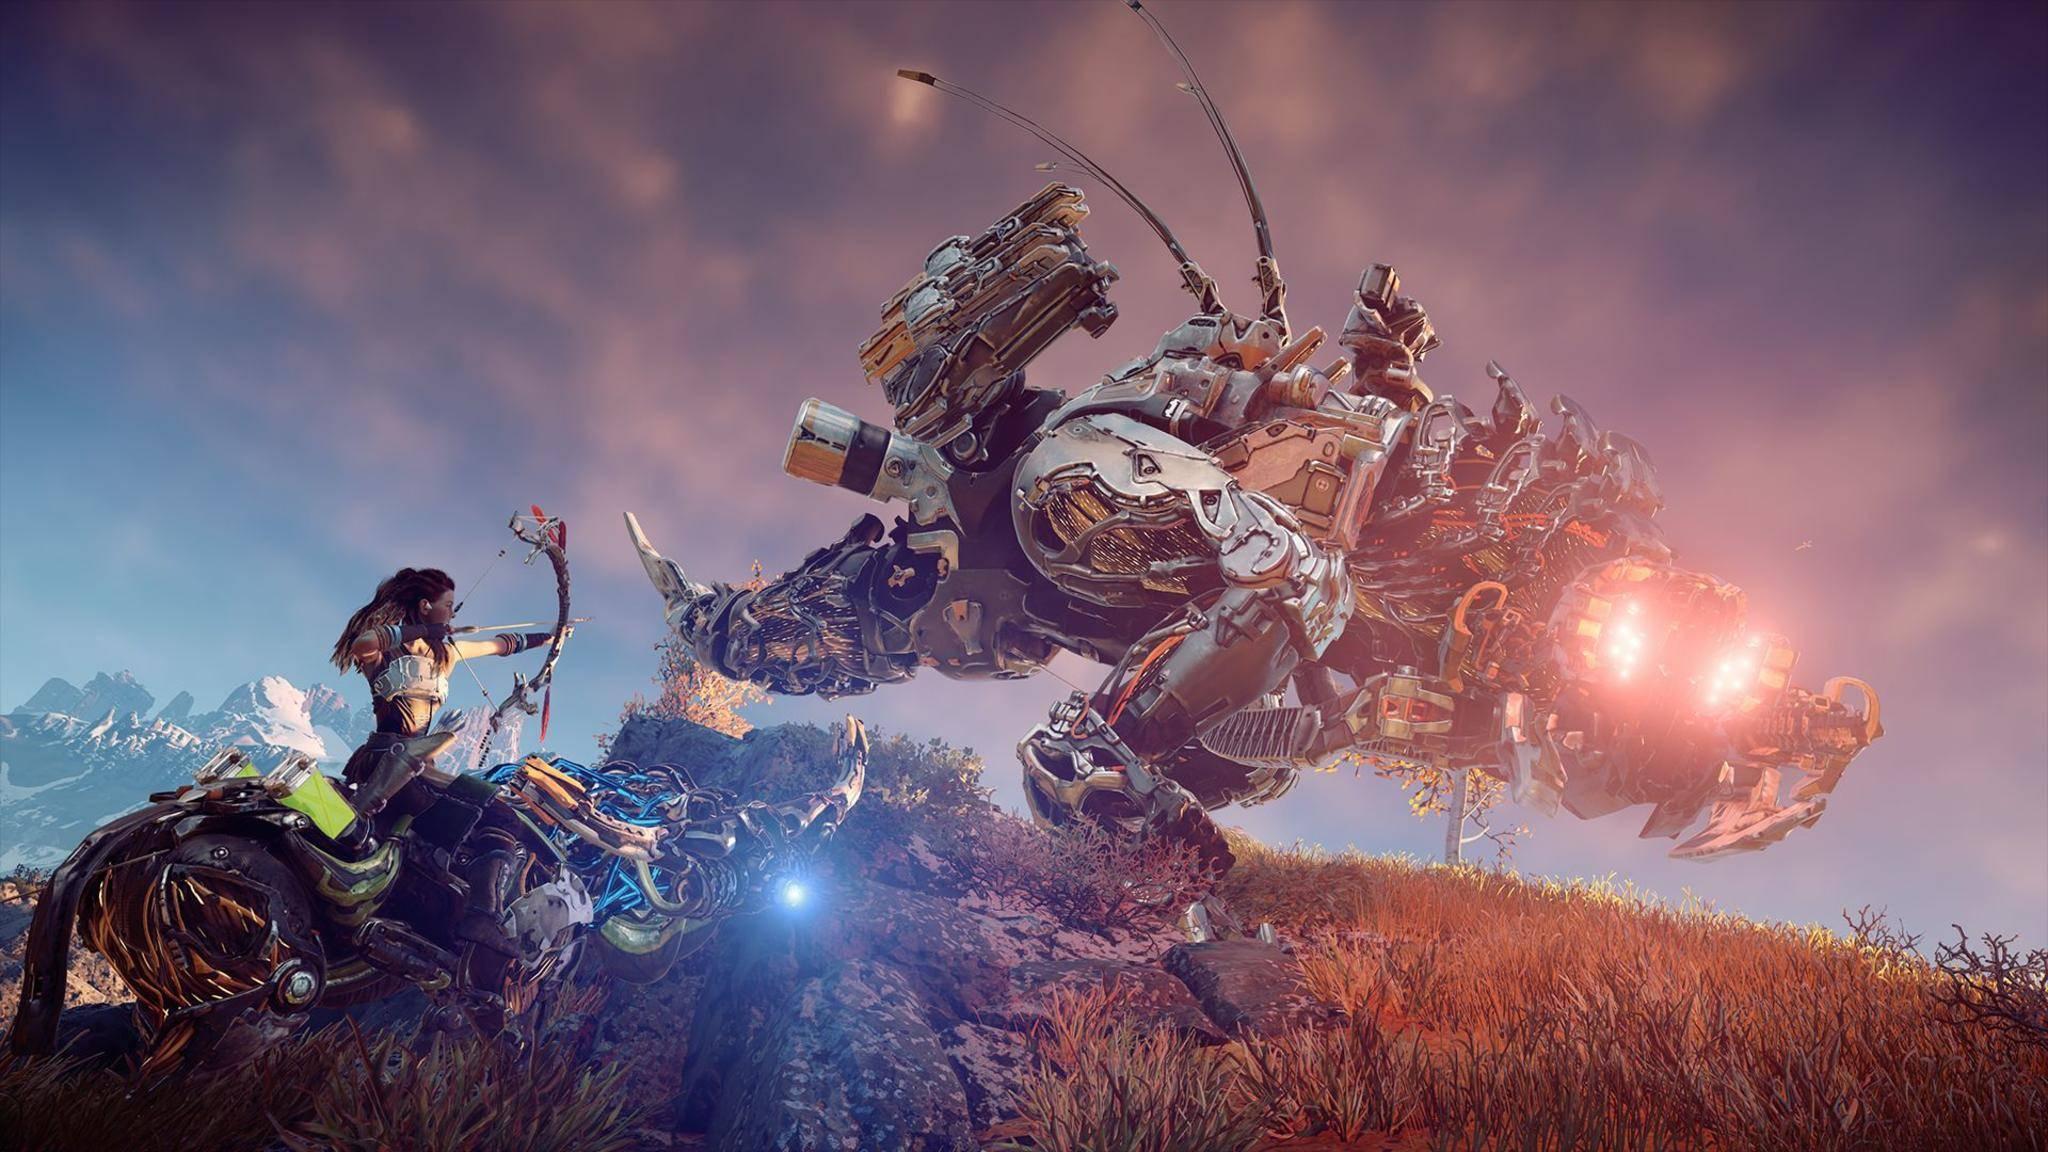 Der Kampf gegen und das Zähmen von Robotern steht im Gameplay-Mittelpunkt.